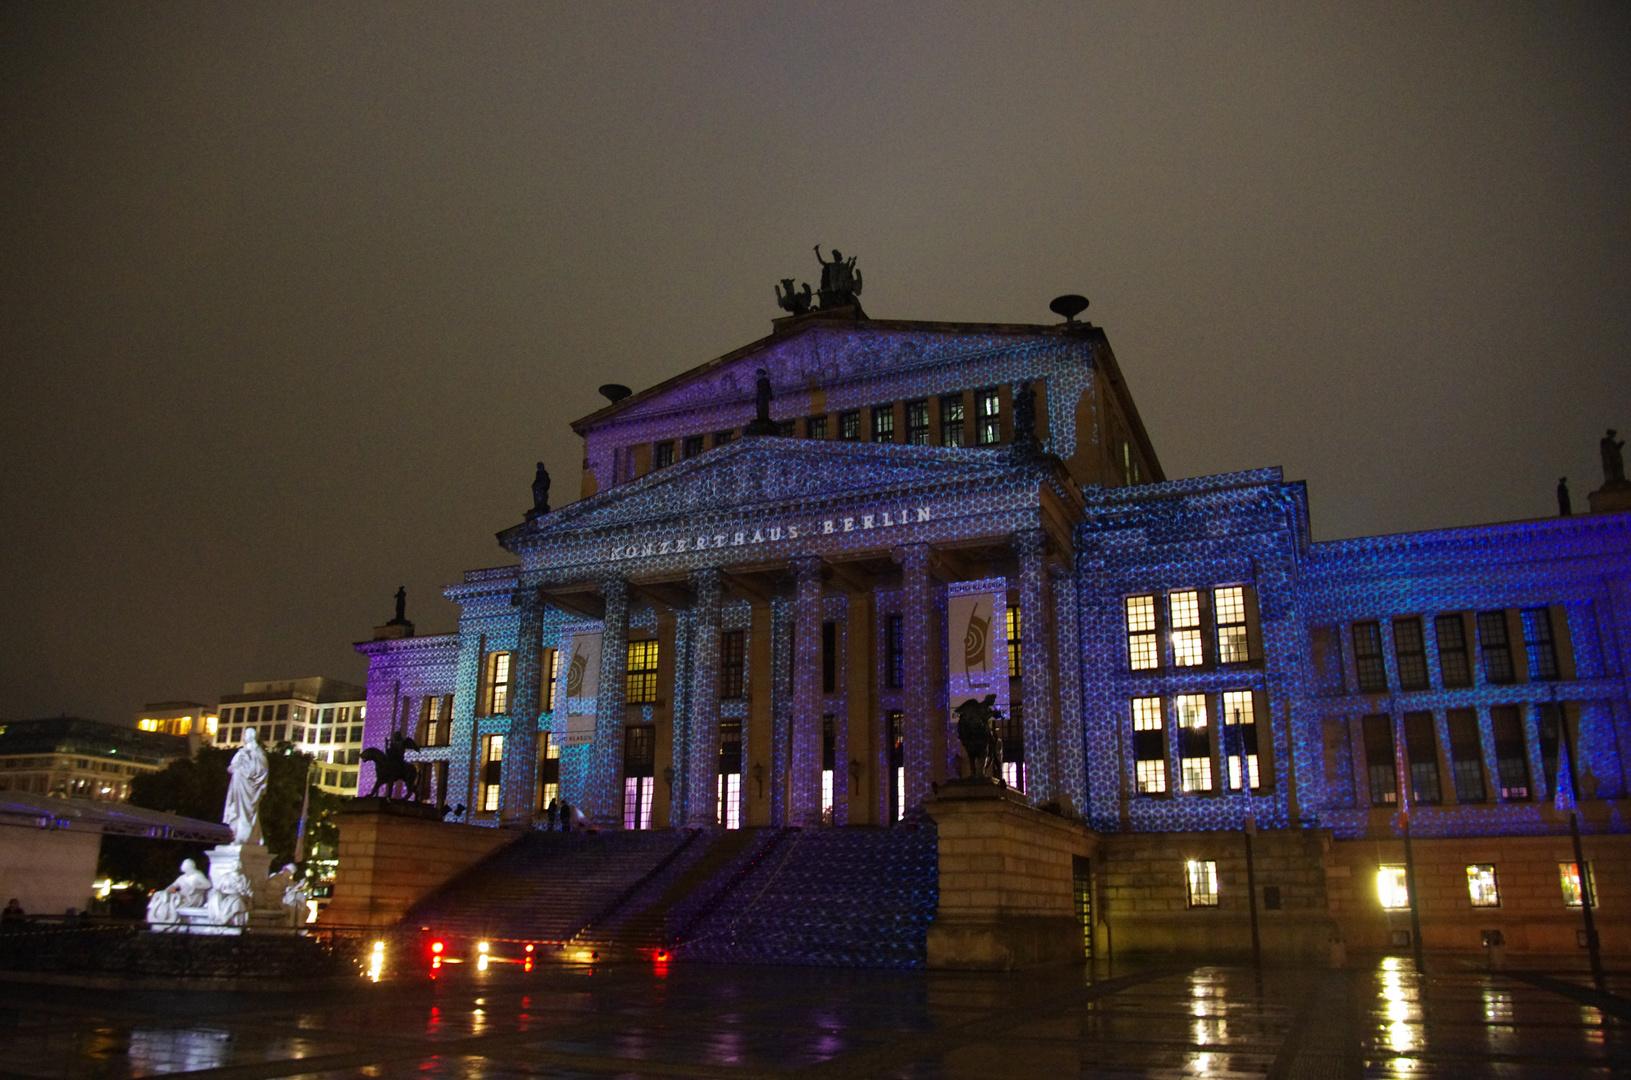 Konzerthaus FoL Berlin 2013